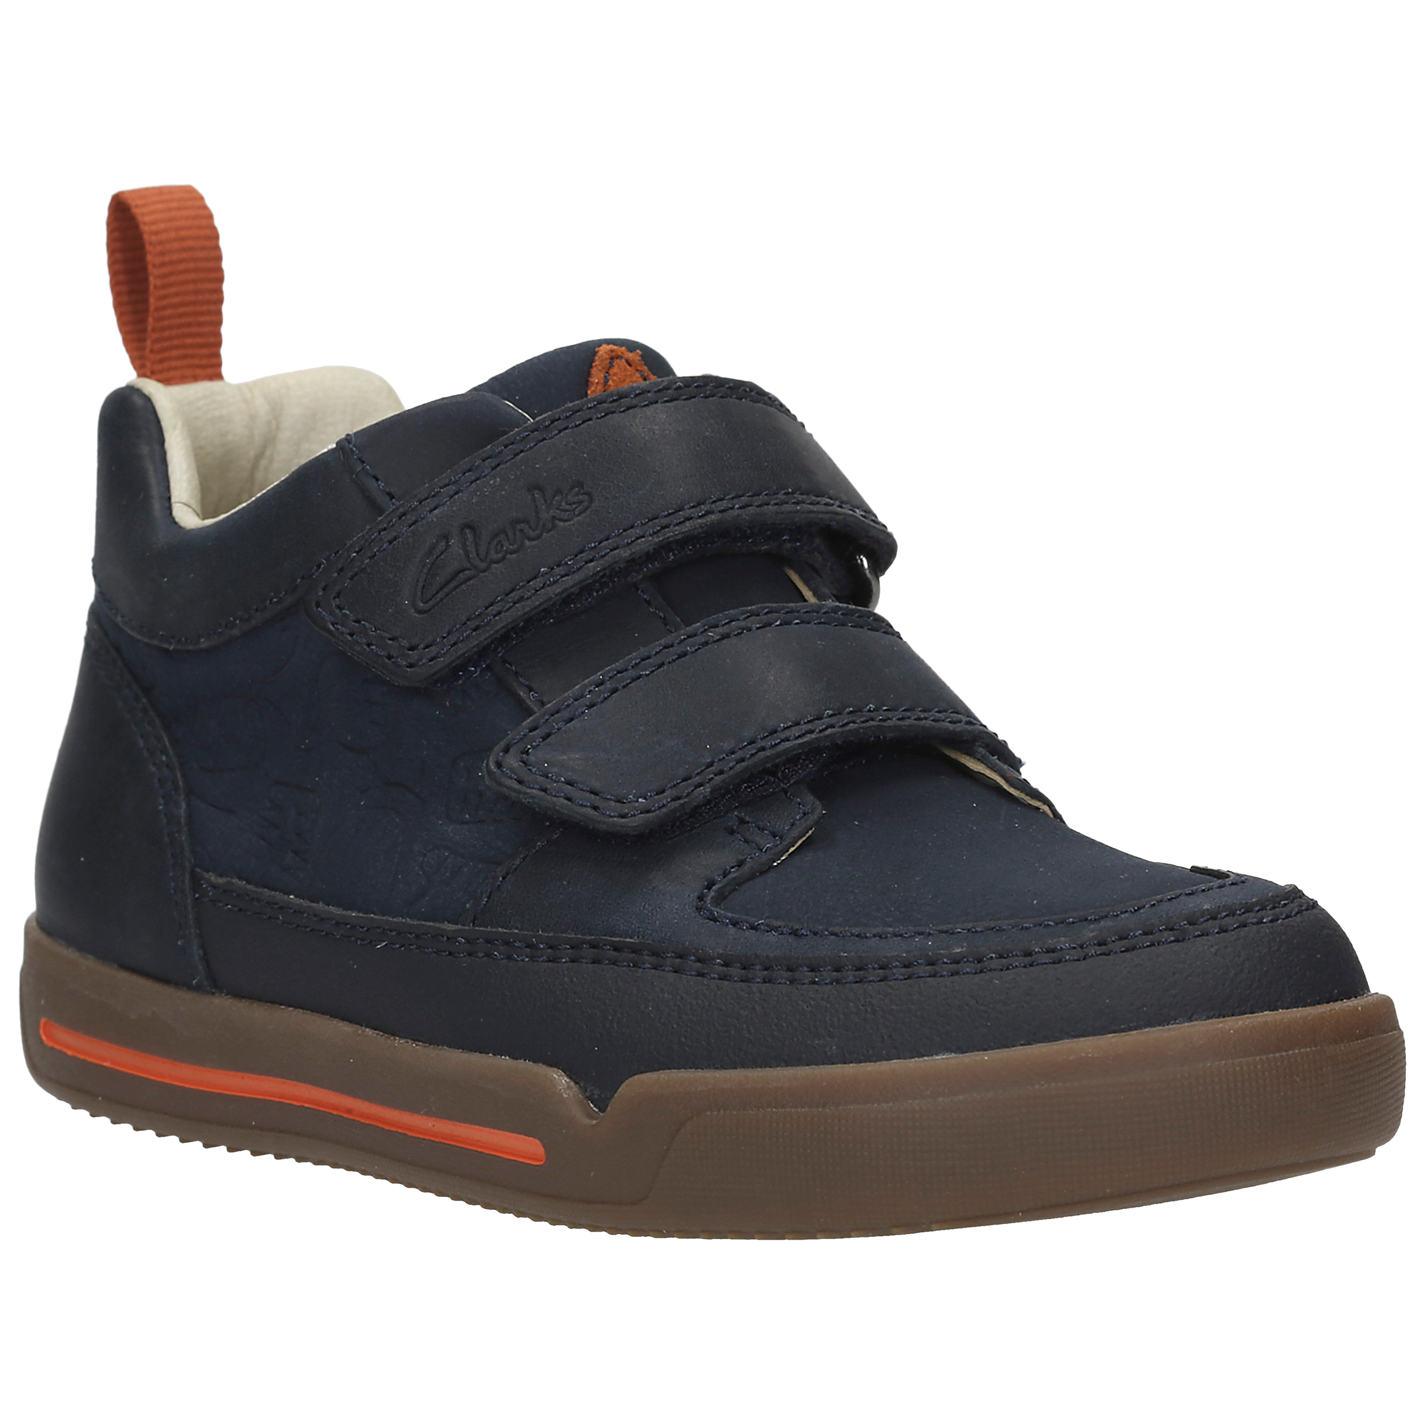 John lewis childrens bedroom furniture - Buy Clarks Children S Lil Folk Hop Leather Ankle Boots Navy Online At Johnlewis